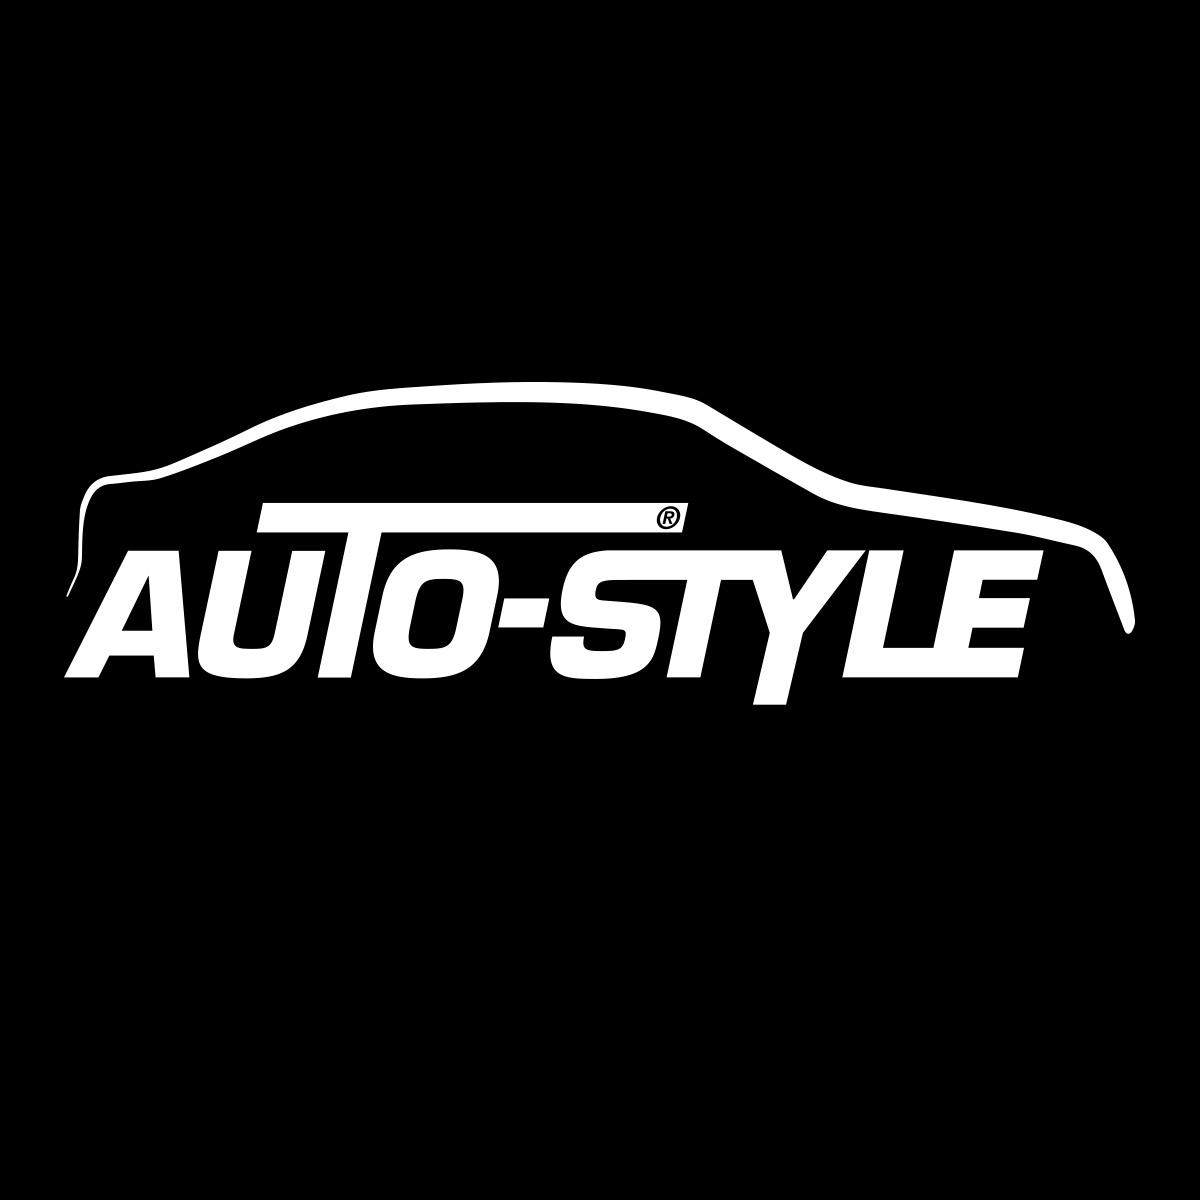 Autostyle Radzubehör